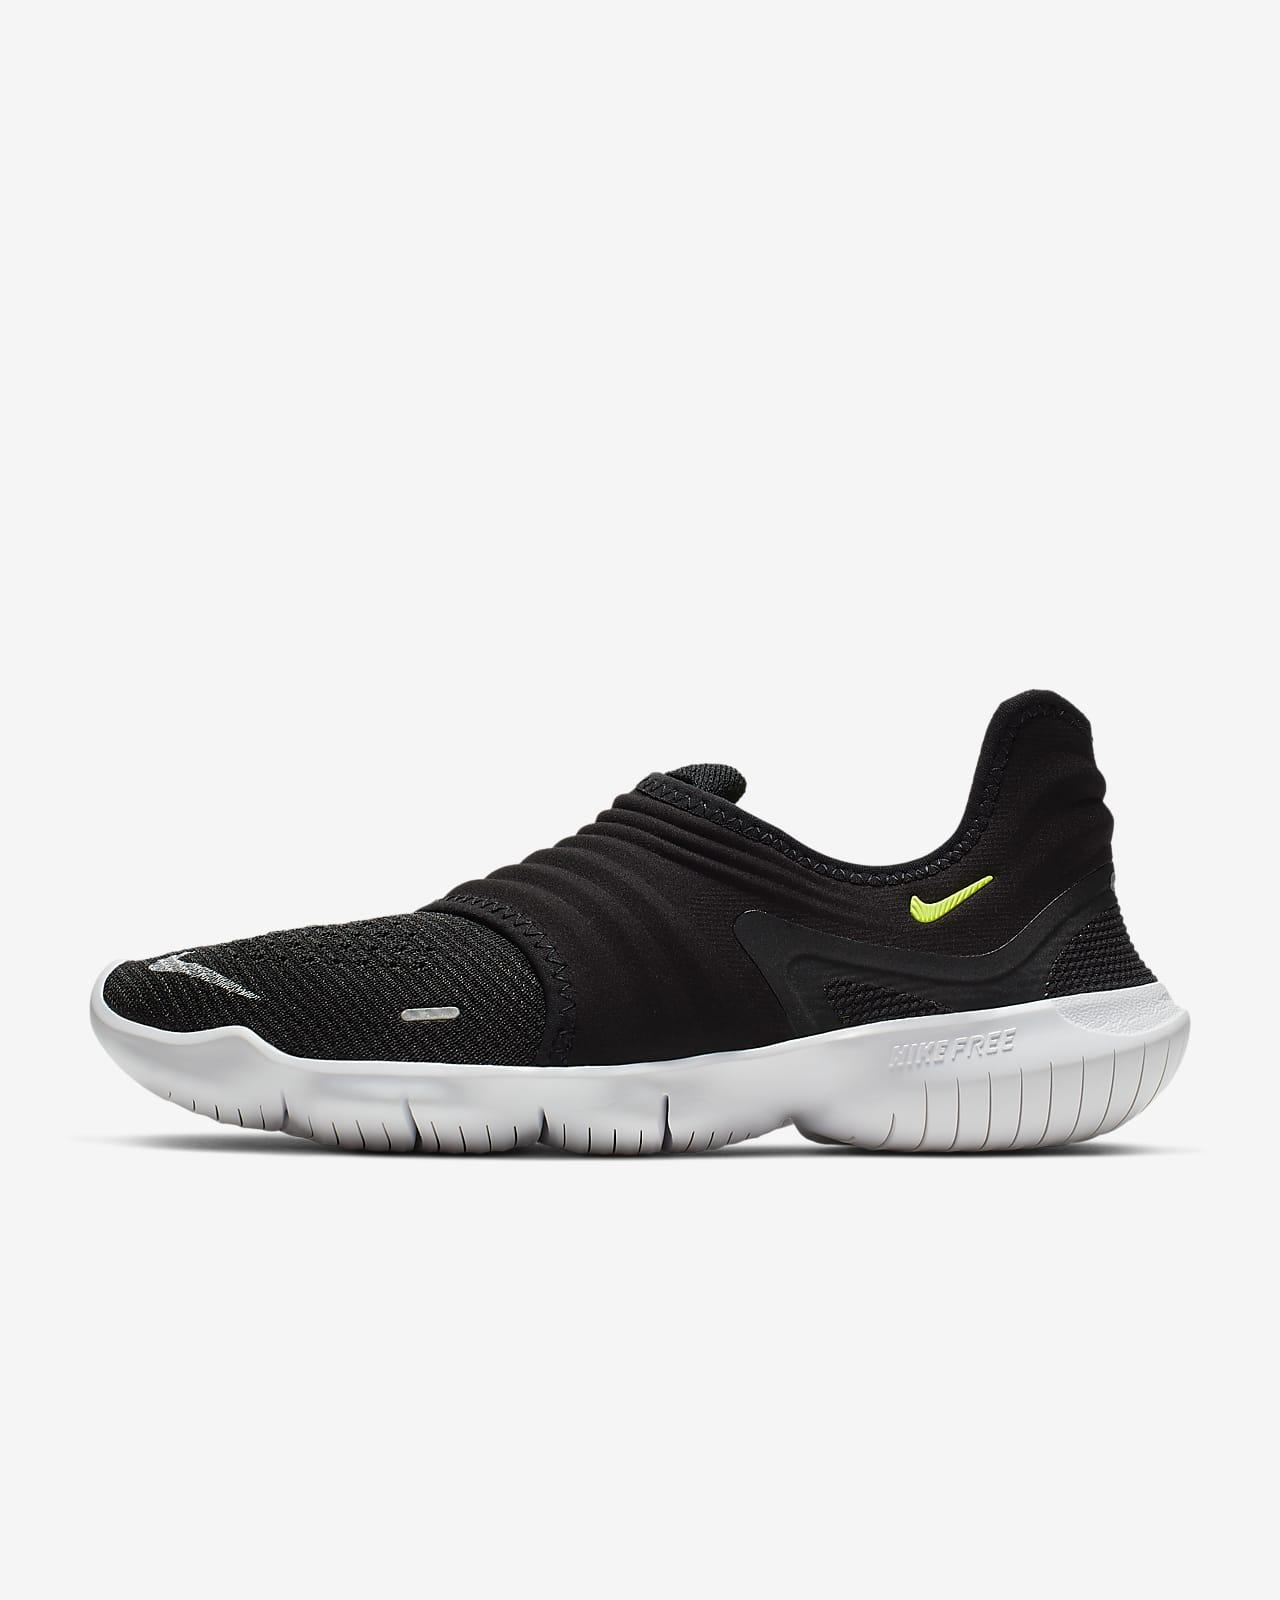 nike free rn chaussures de running femme